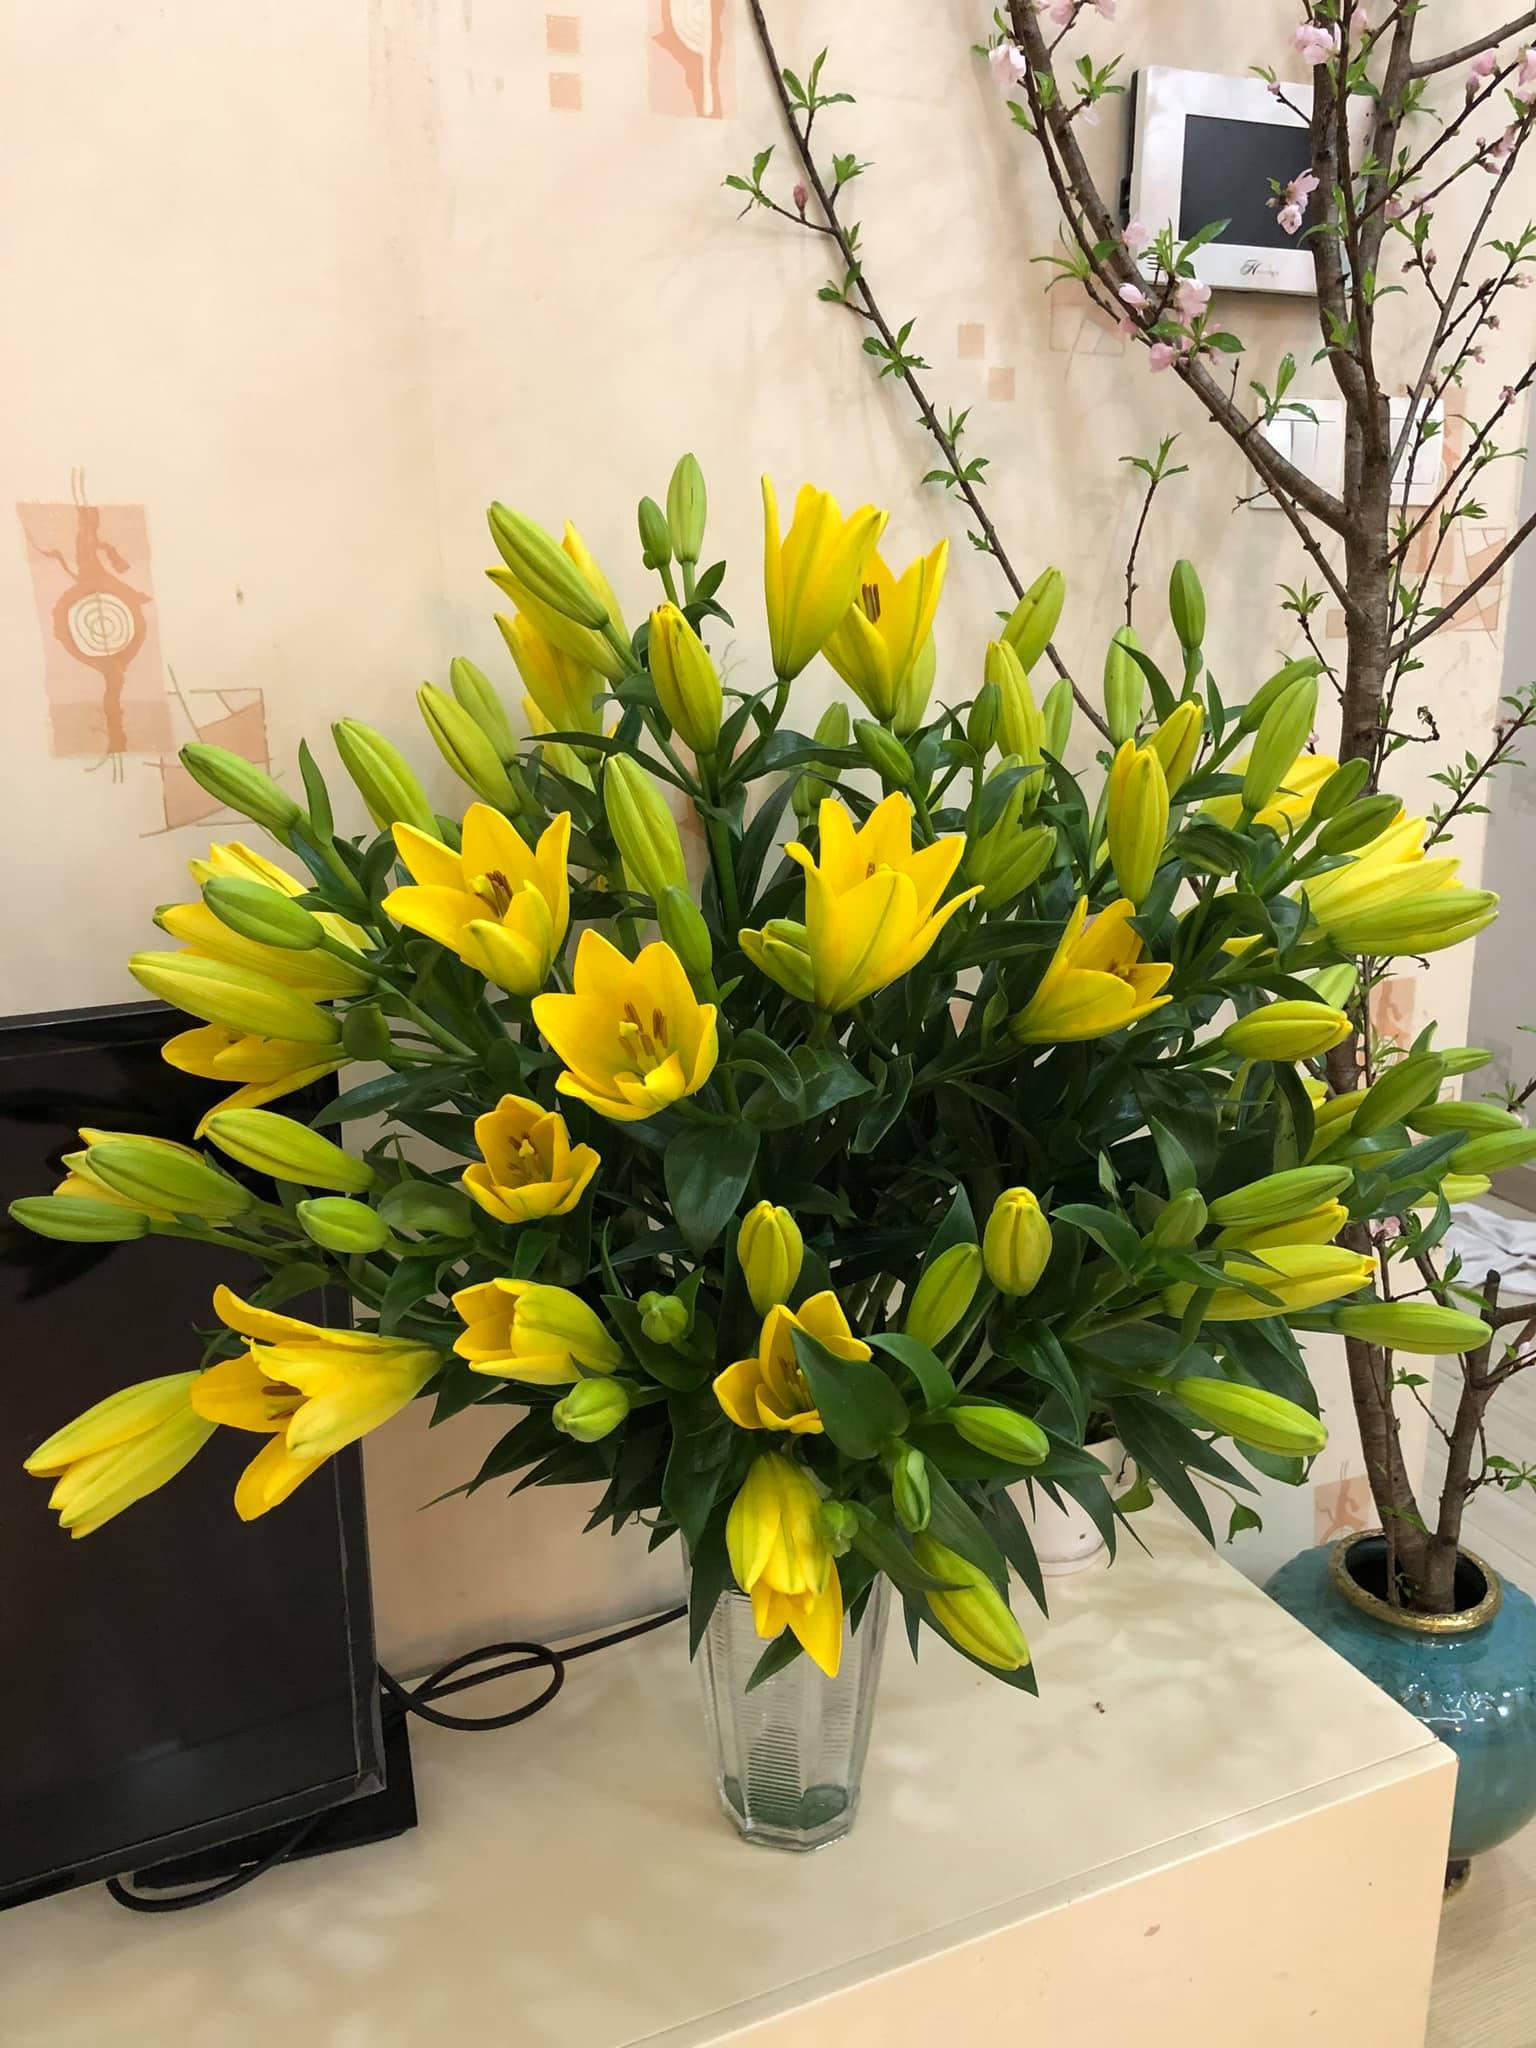 Giá hoa rẻ chưa từng có, chị em nô nức khoe bình hoa để bàn đẹp lộng lẫy mà giá chỉ từ 10.000 đồng - Ảnh 6.